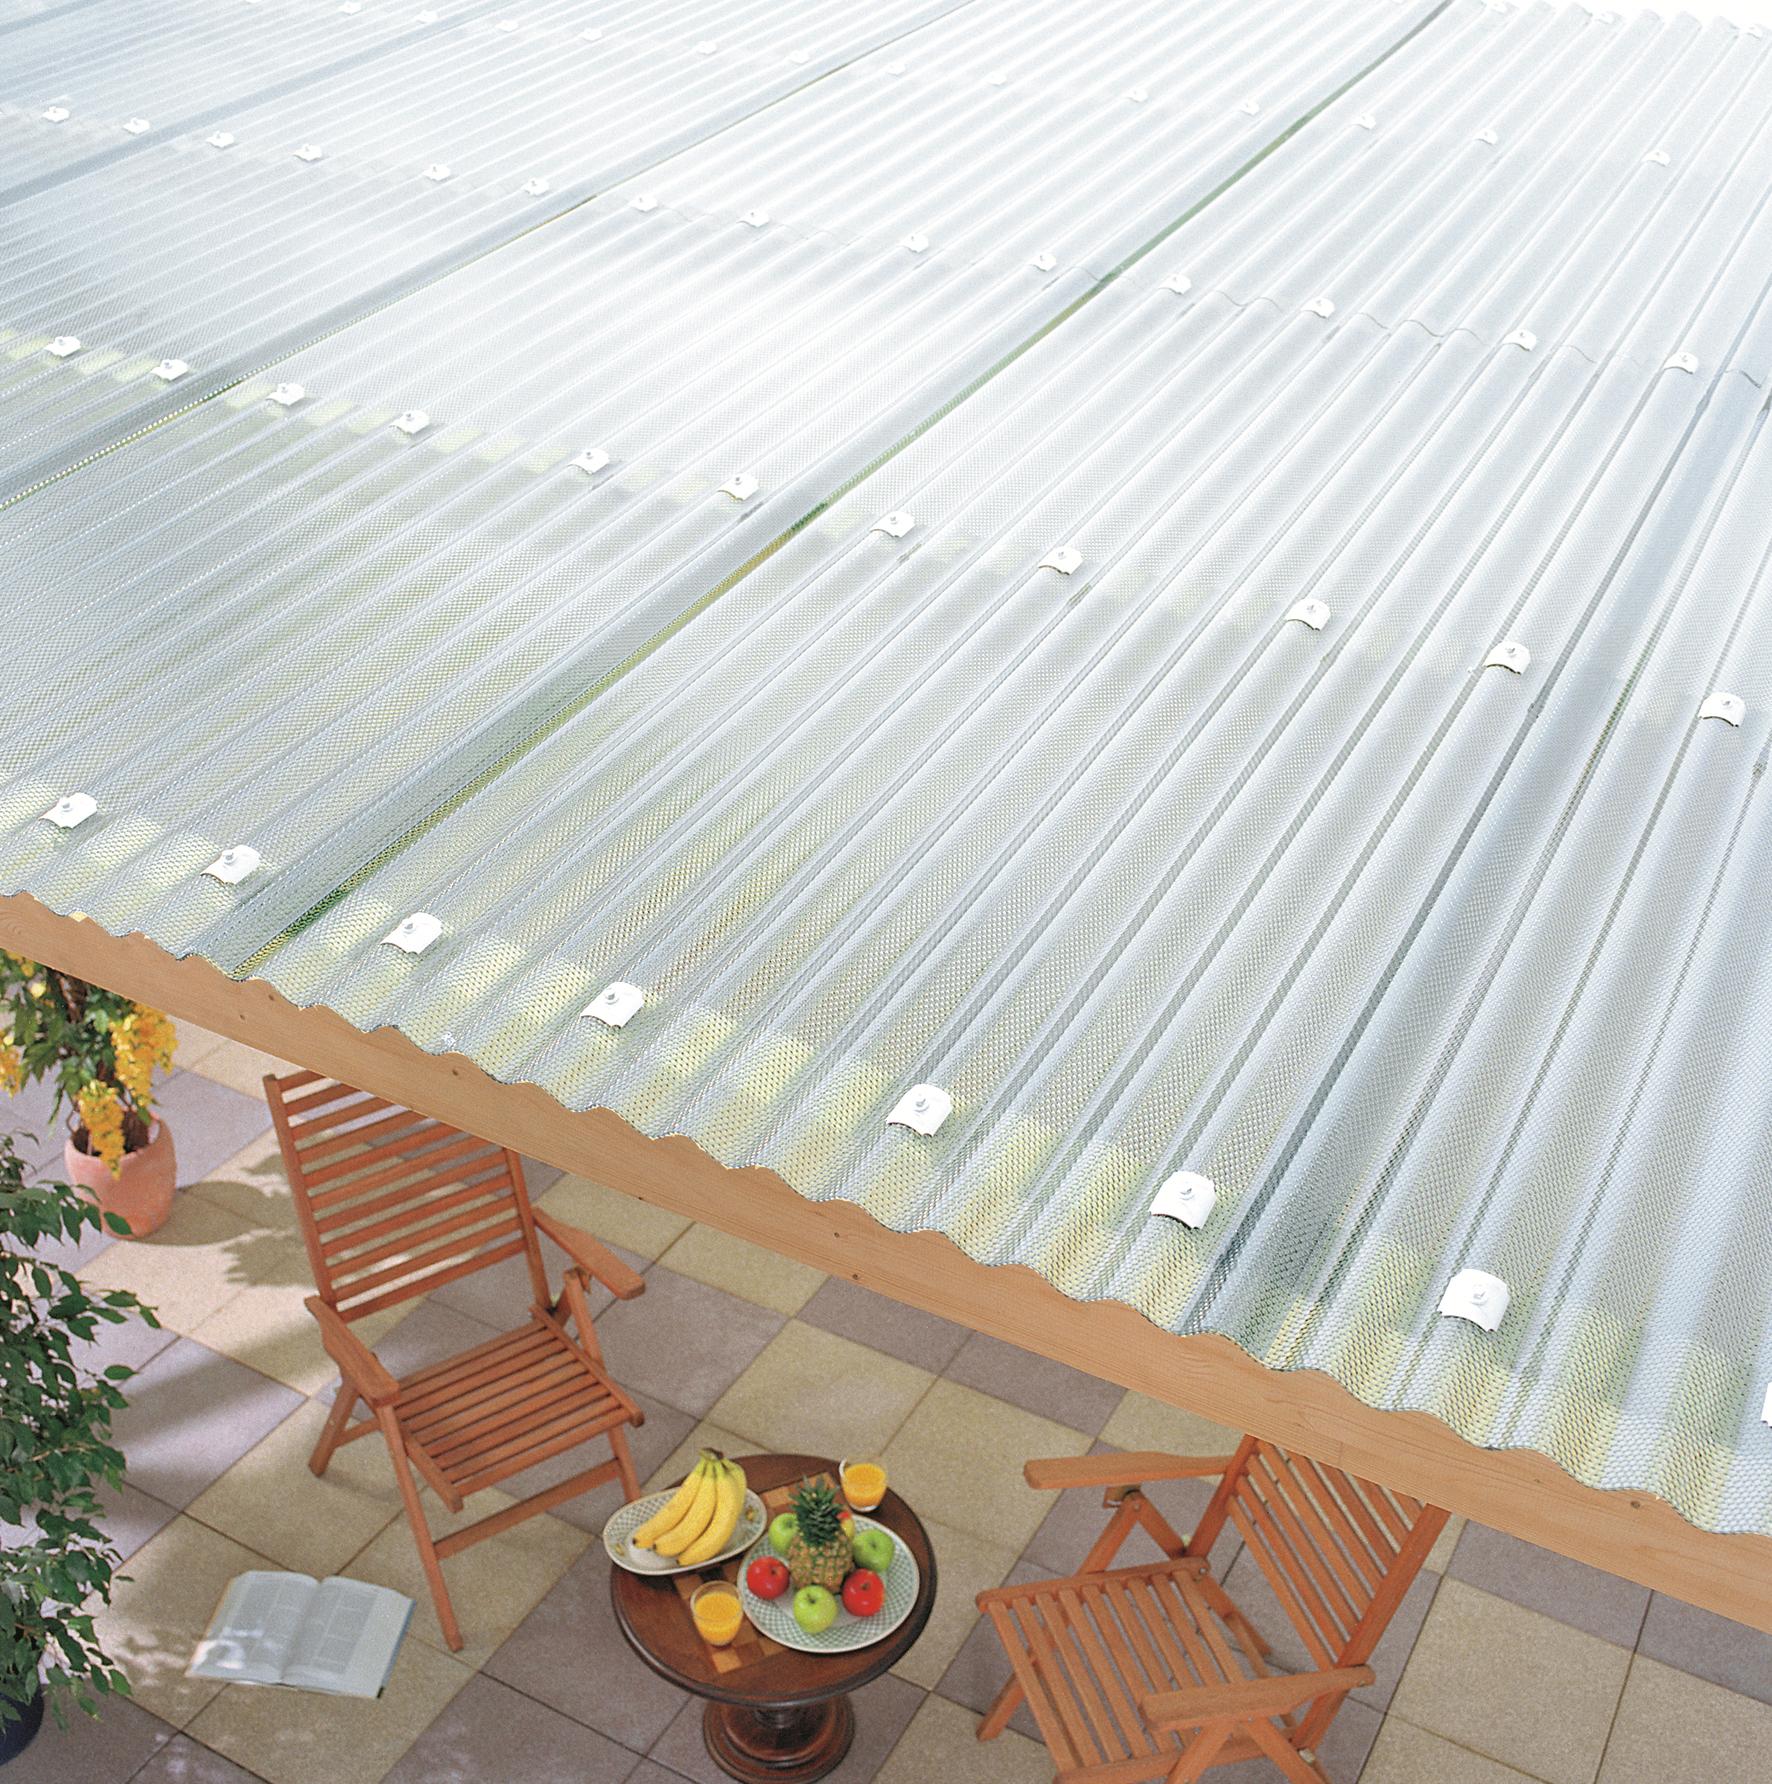 Uberdachungen Mit Lichtdurchlassigen Dachplatten Aus Kunststoff